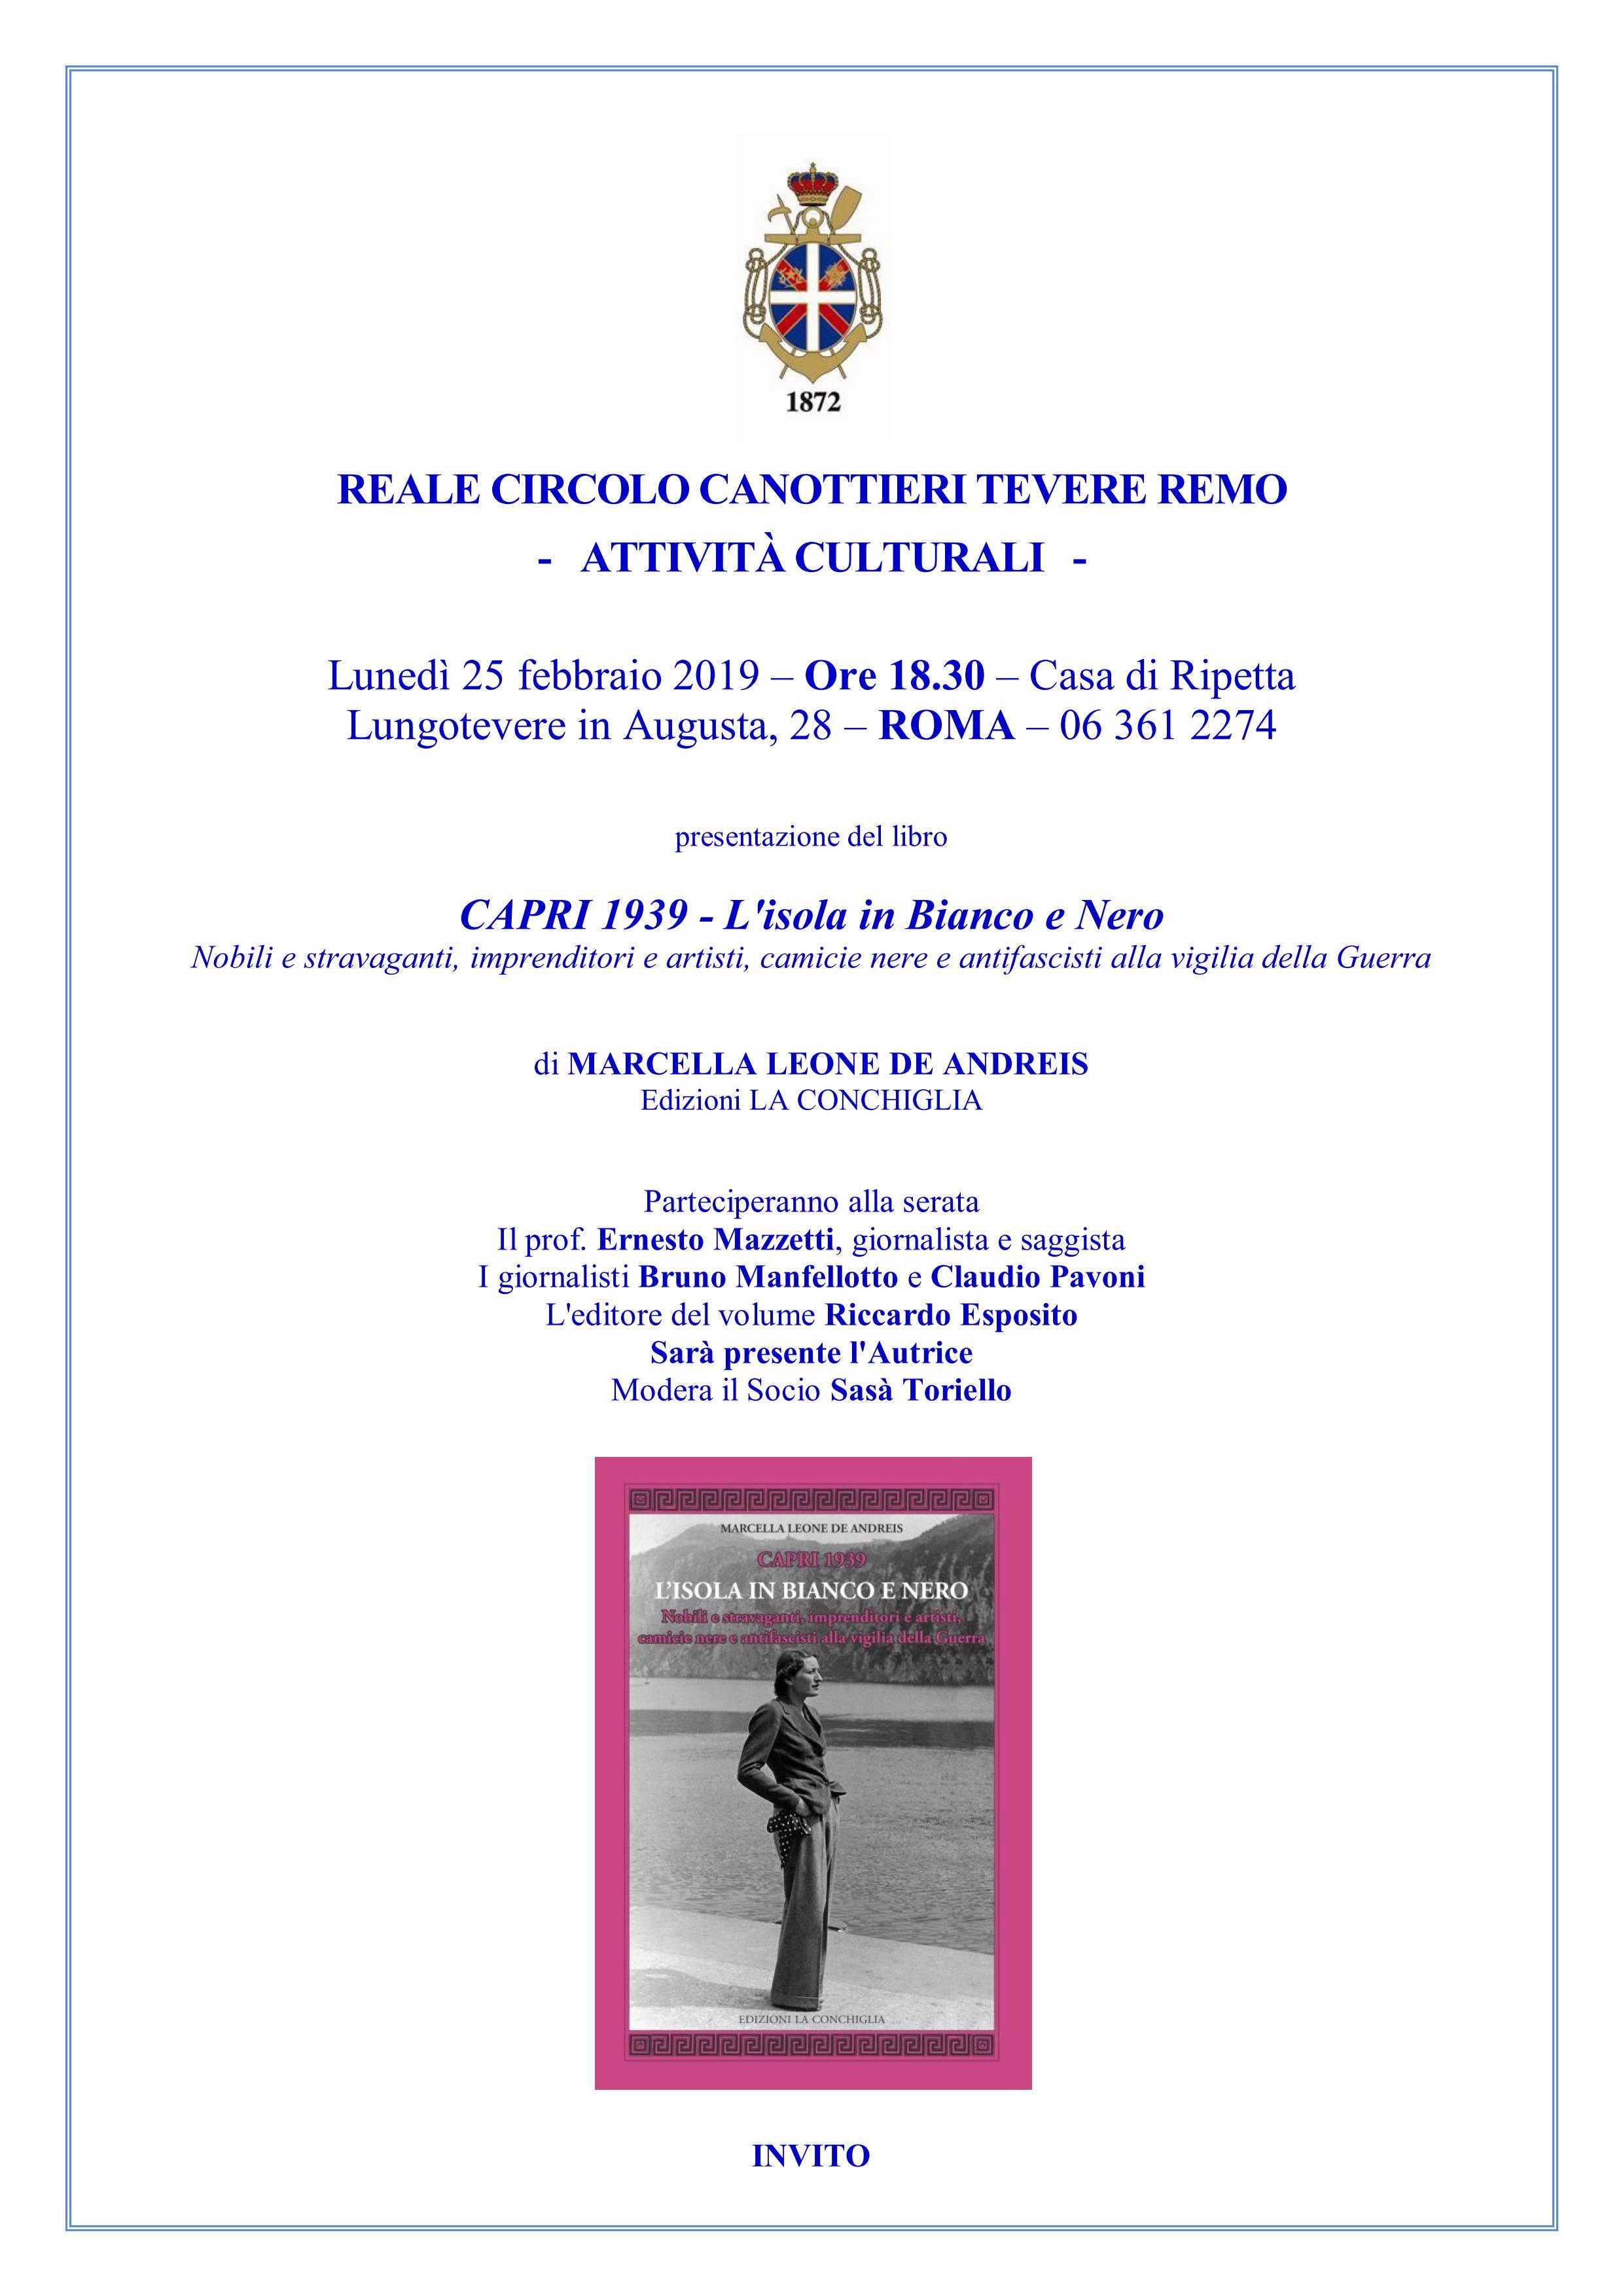 Presentazione di Capri1939 - L'Isola in bianco e nero di Marcella Leone DeAndreis a Roma, al Reale Circolo Canottieri Tevere Remo